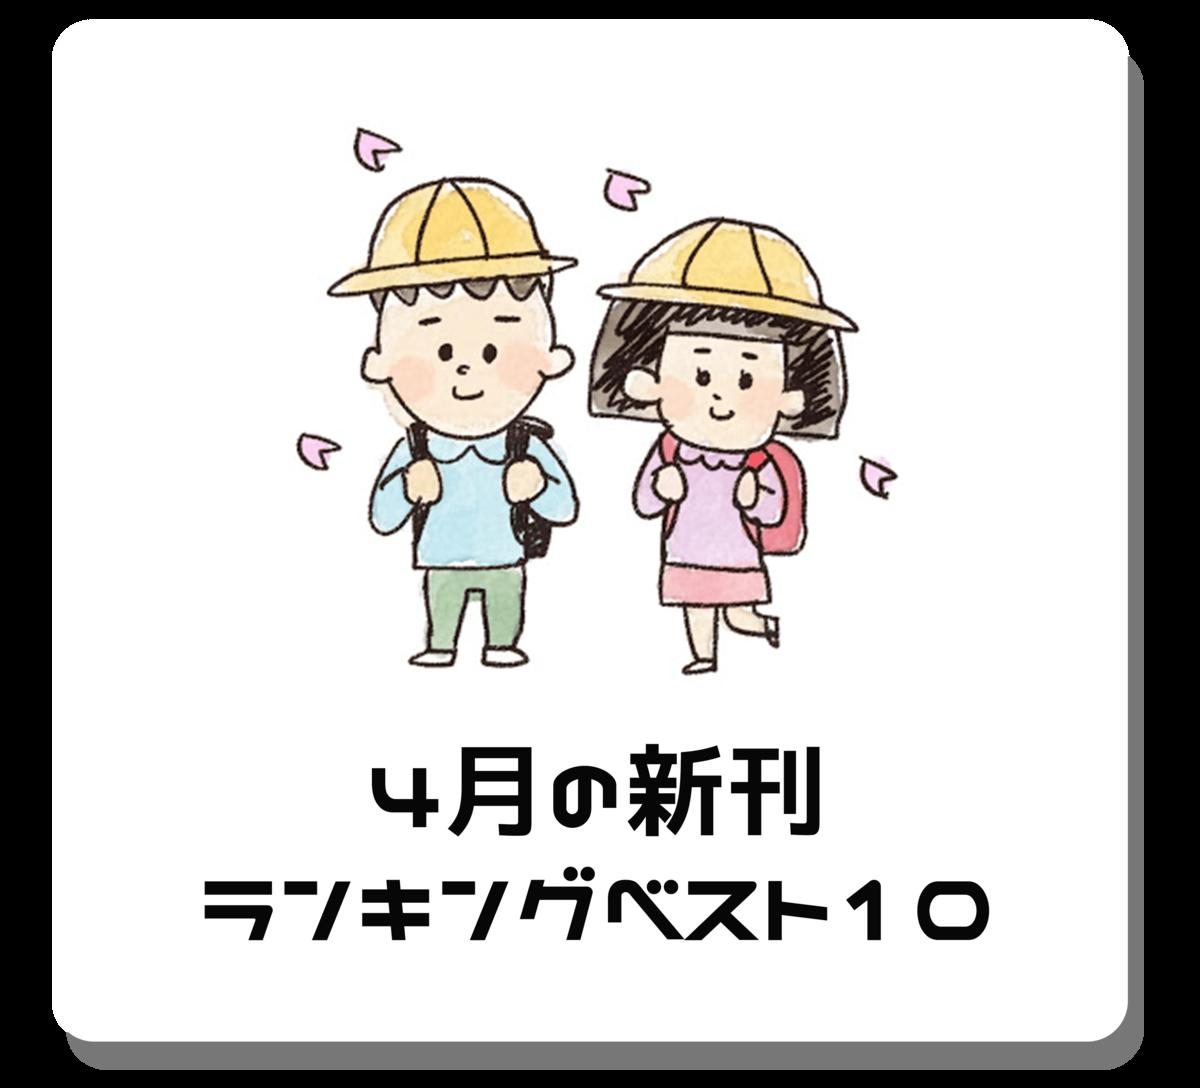 f:id:mimi_shiro:20190325134622p:plain